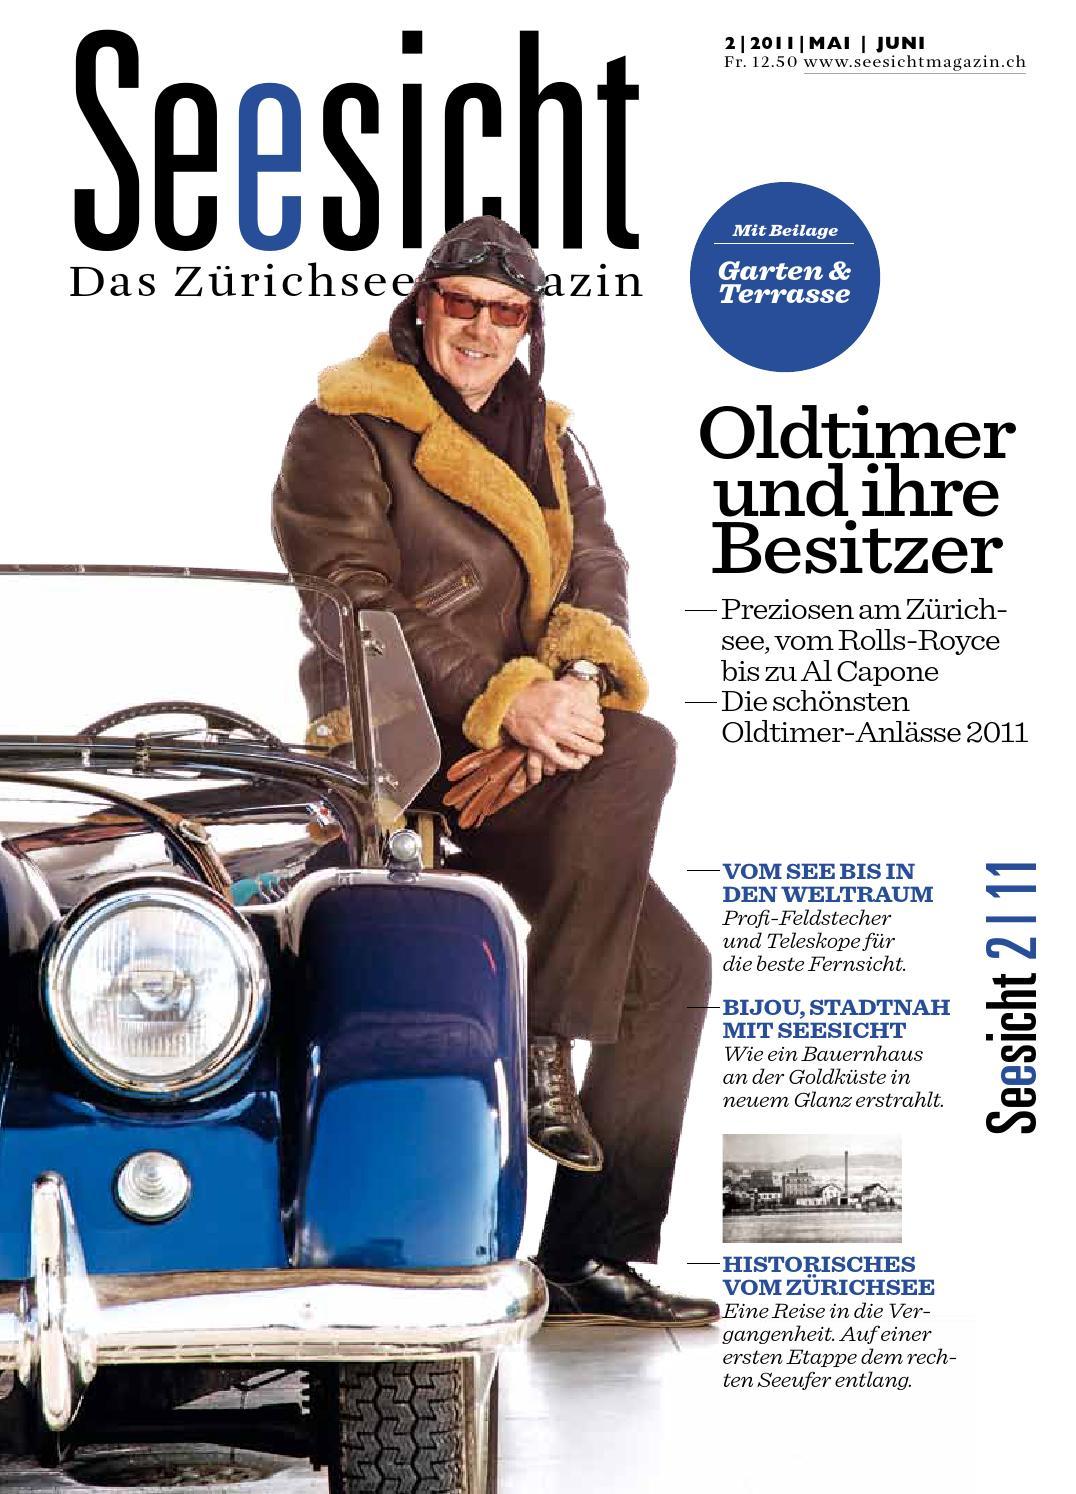 Seesicht 22011 by Seesicht Media AG issuu